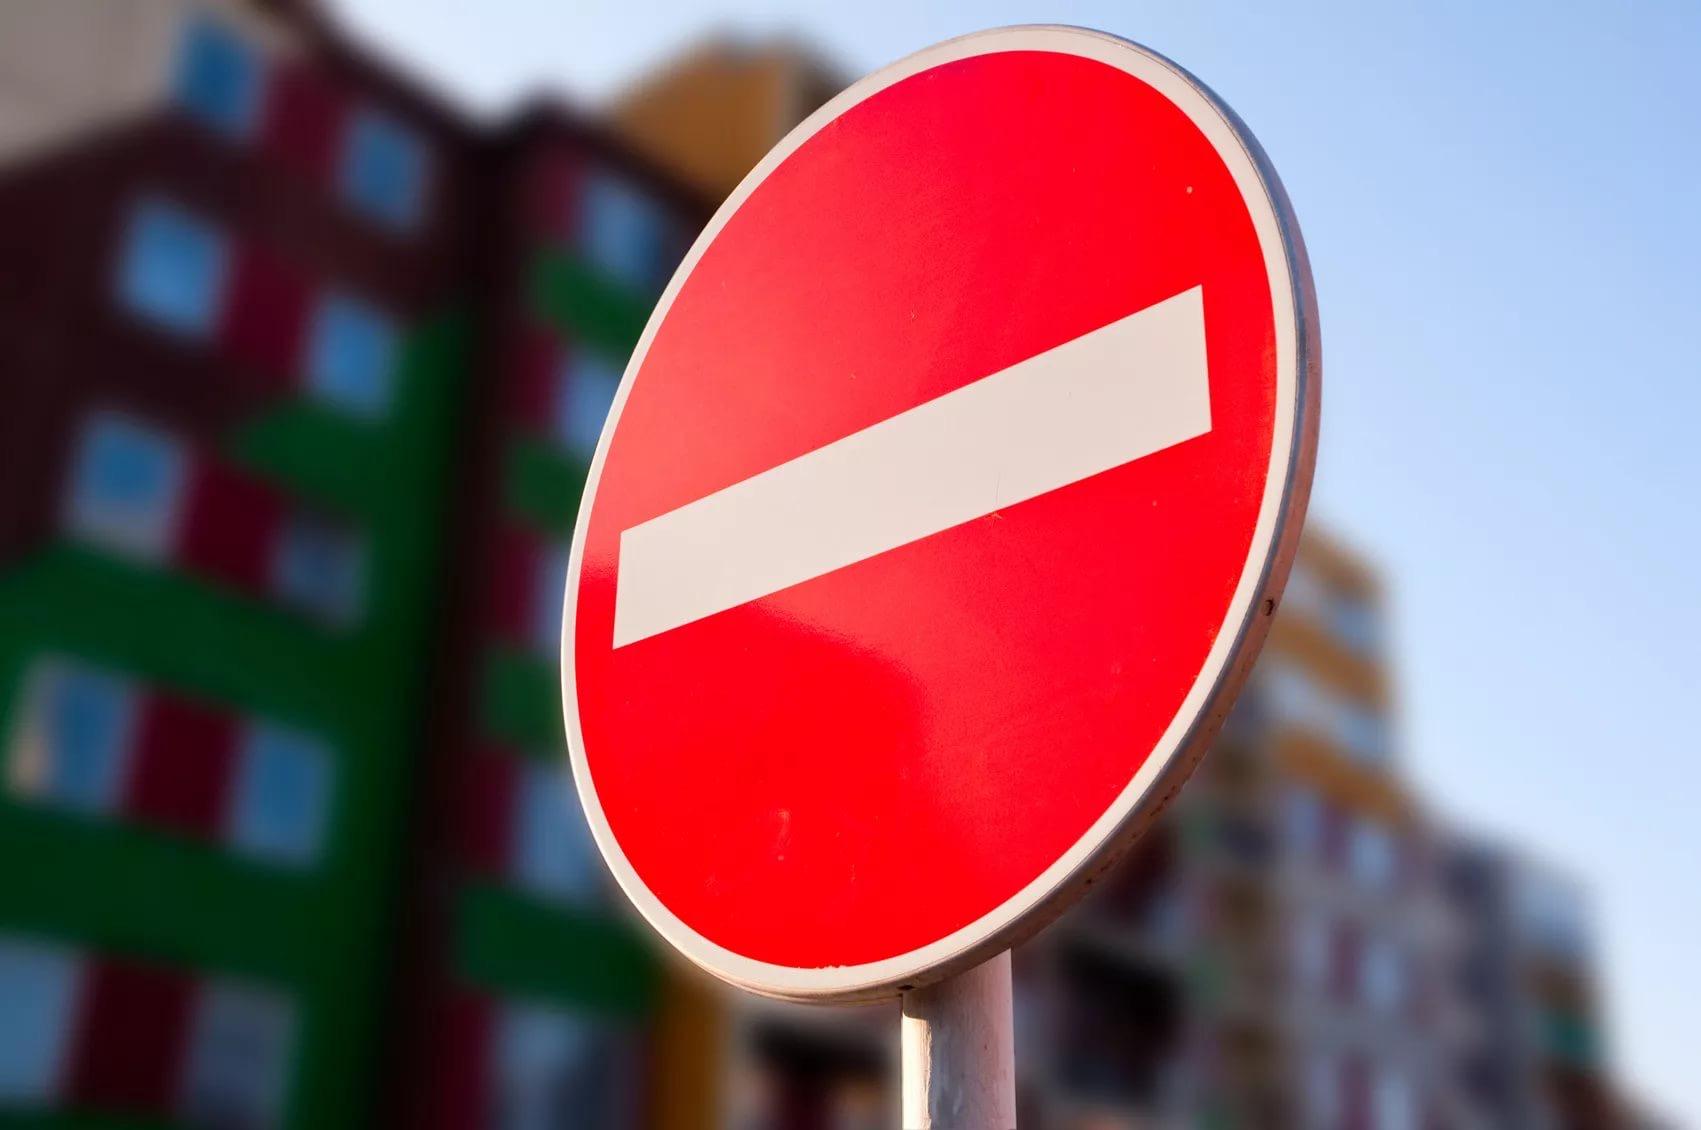 На двух улицах Владикавказа 11 июня частично ограничат движение транспорта